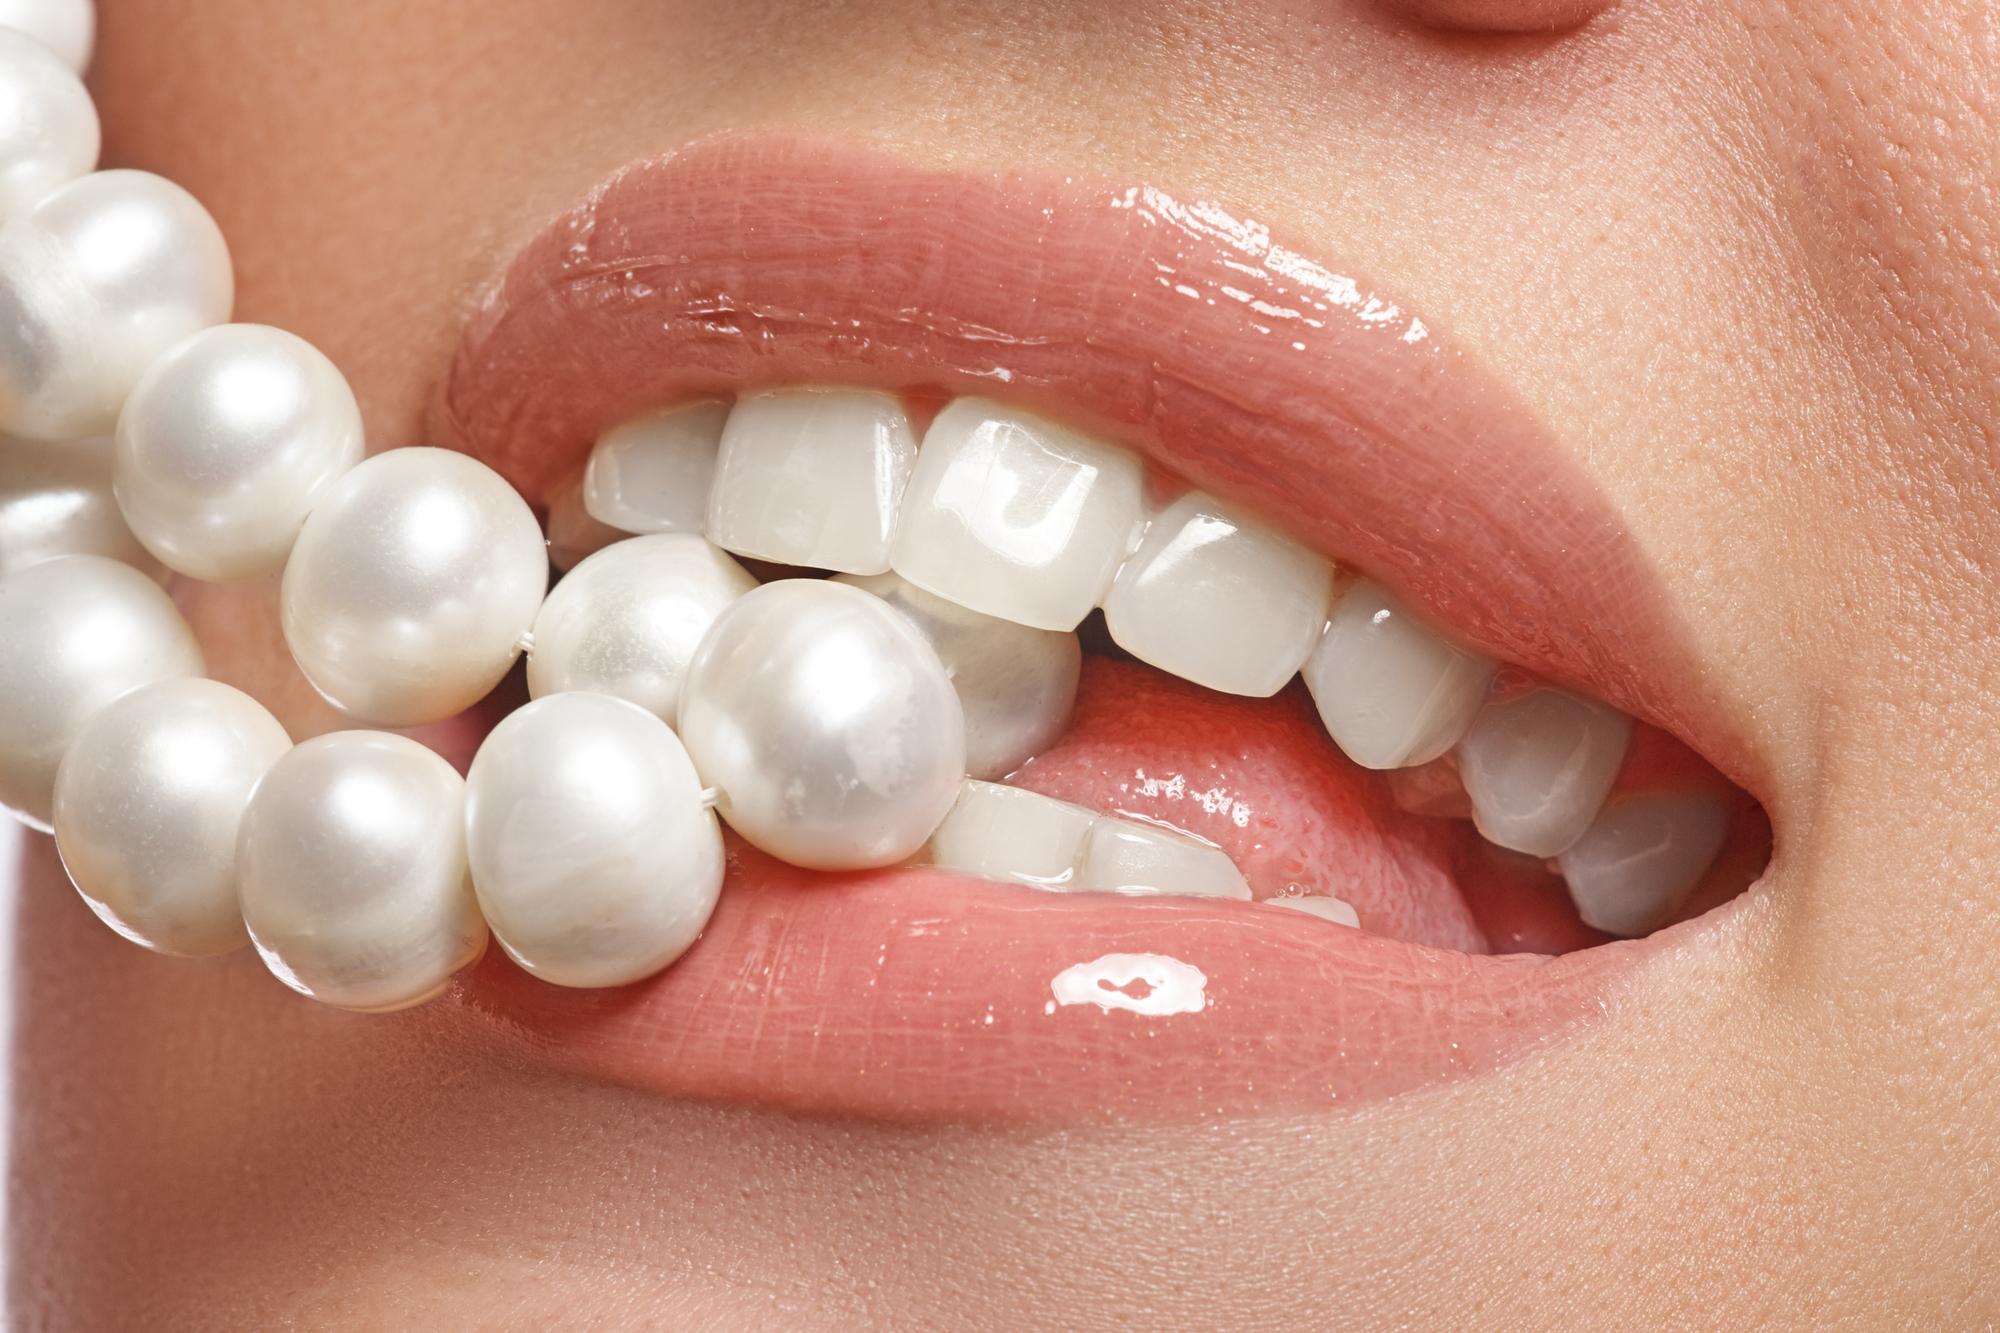 ワイヤーを使ってすばやく矯正!抜歯の必要がないMEAW矯正